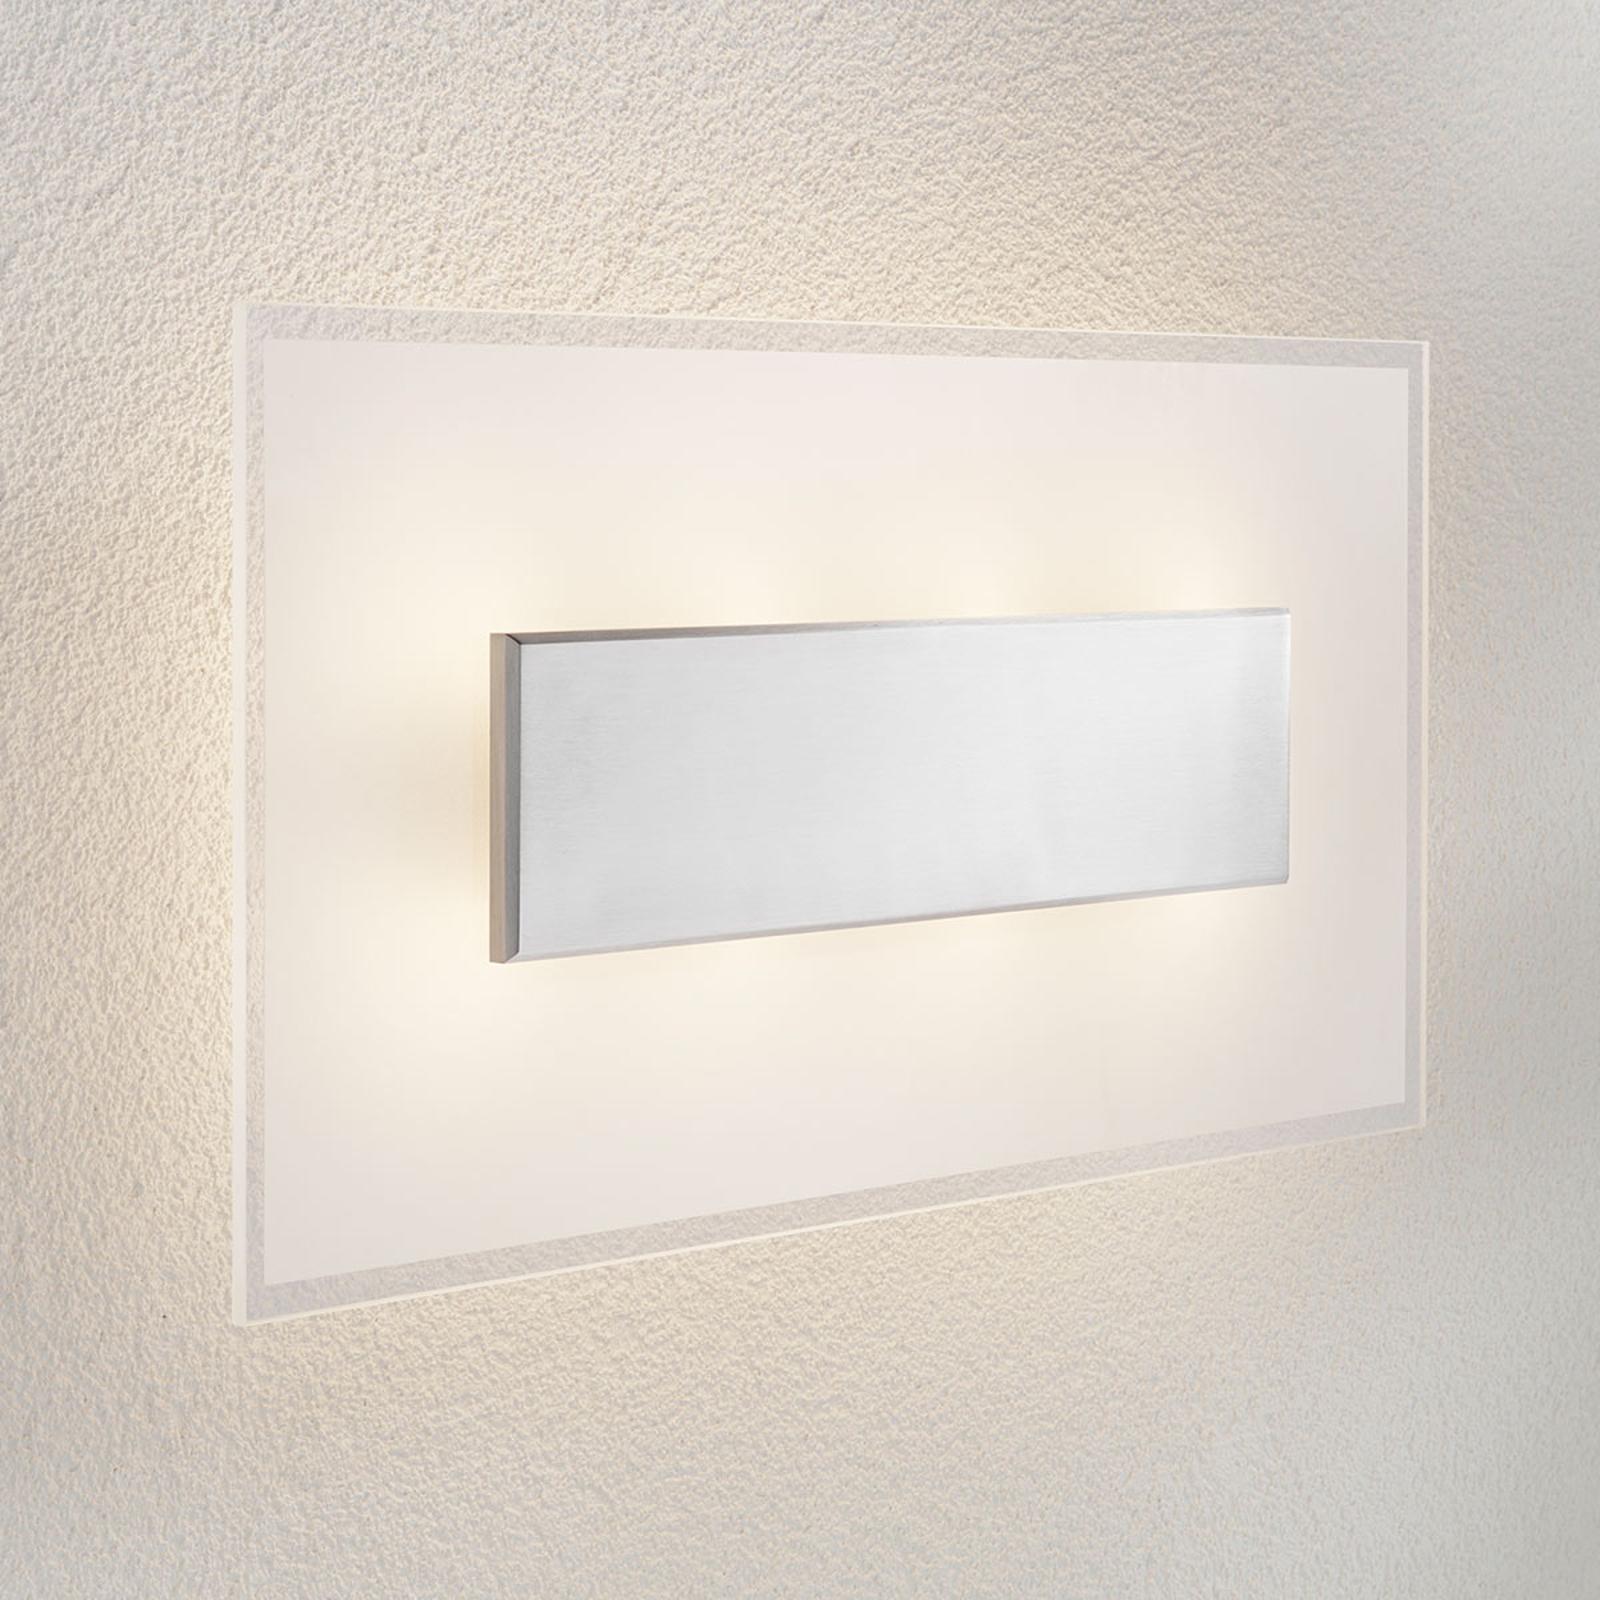 LED-Deckenleuchte Lole mit Glasschirm, 59 x 29 cm